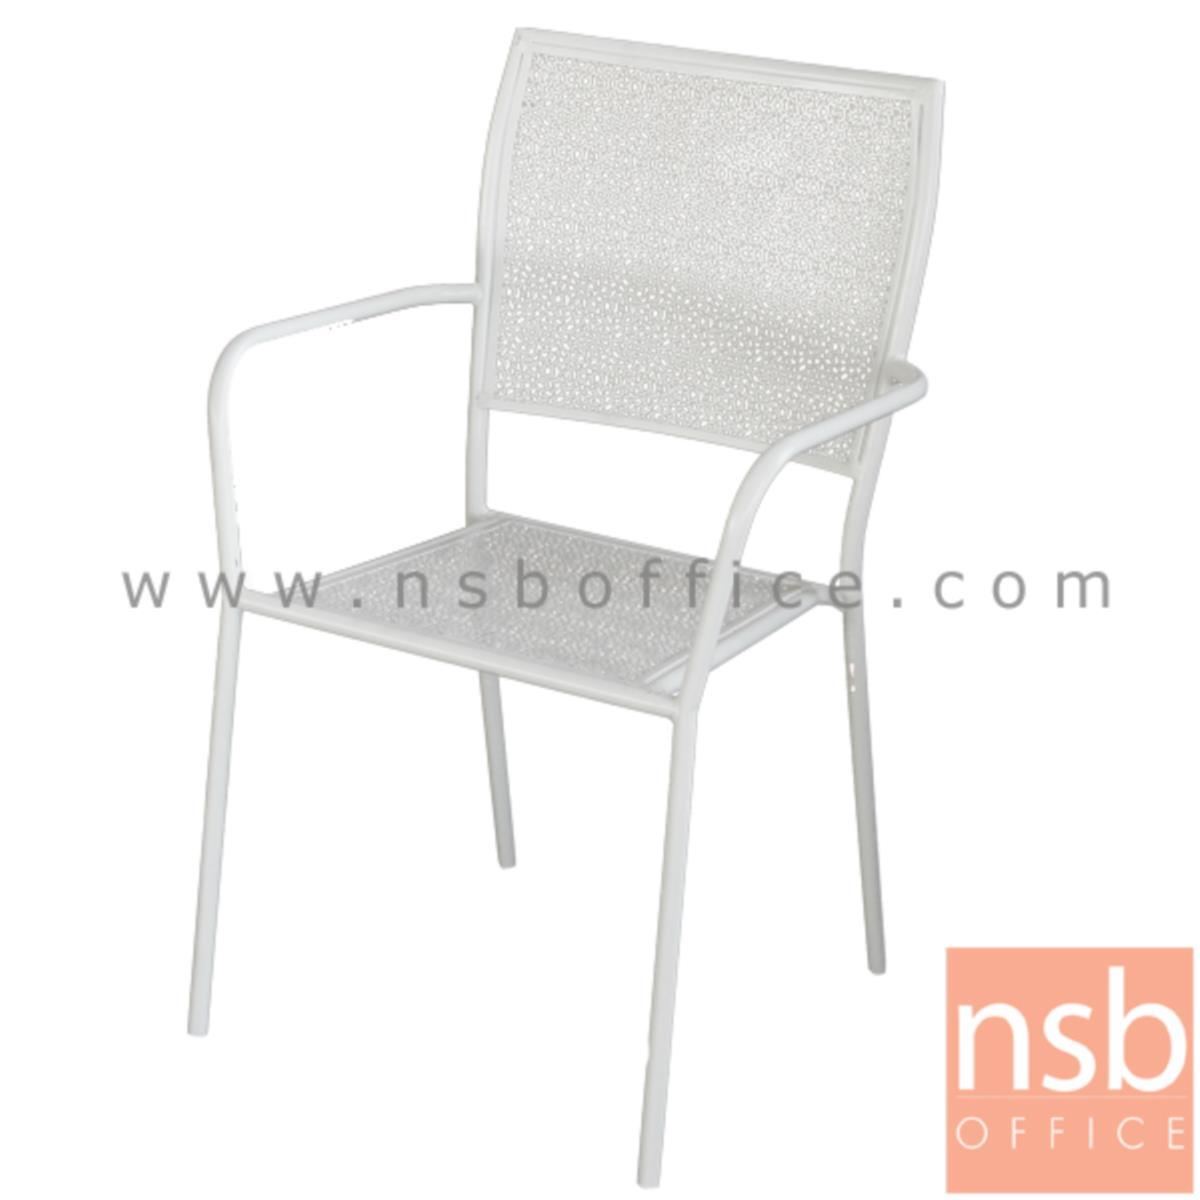 เก้าอี้อเนกประสงค์เหล็ก รุ่น REVIVE-01  ขาเหล็ก